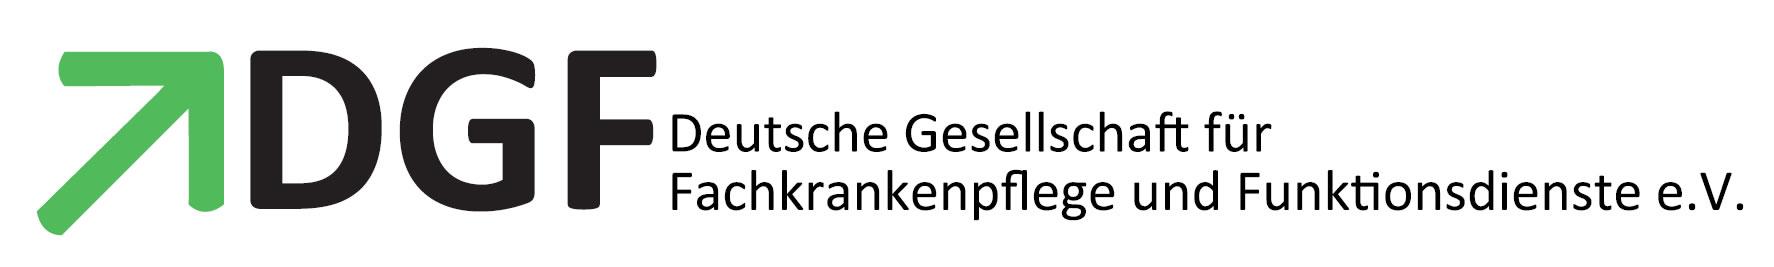 logo dgf mit schriftzug